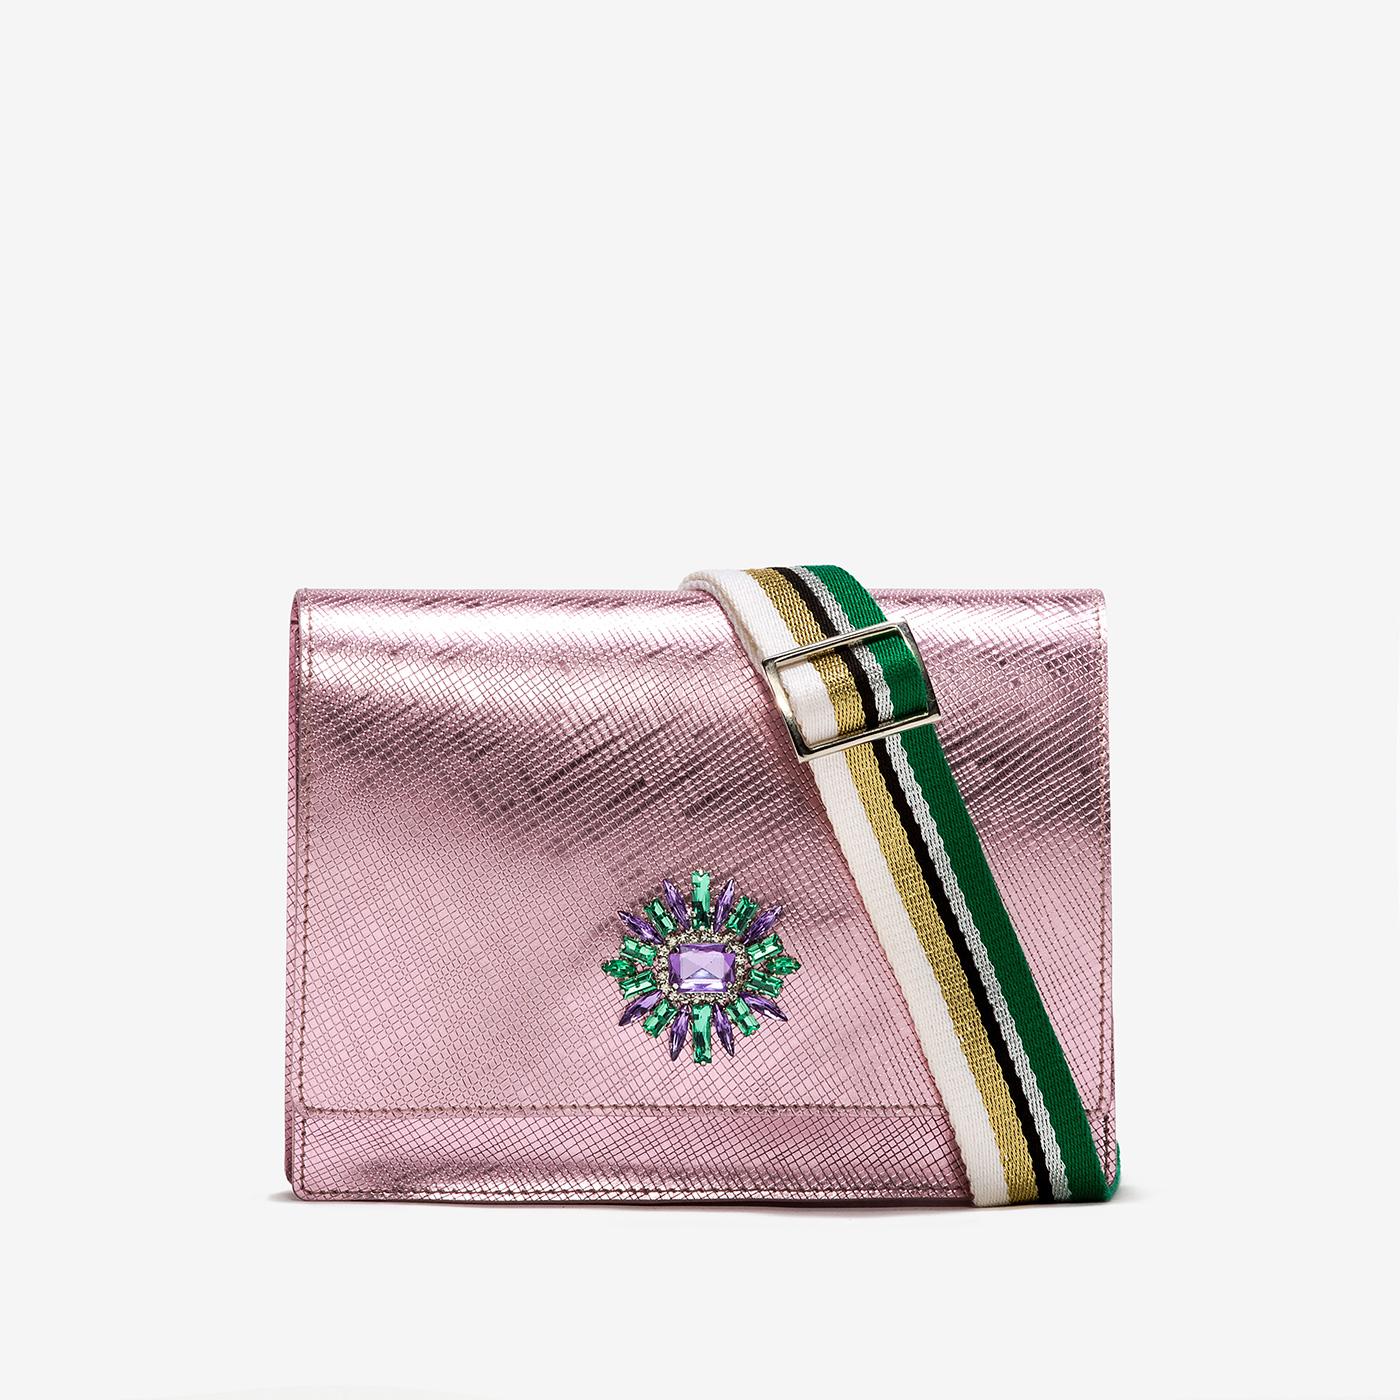 gum medium size dolly bag TkY4Q